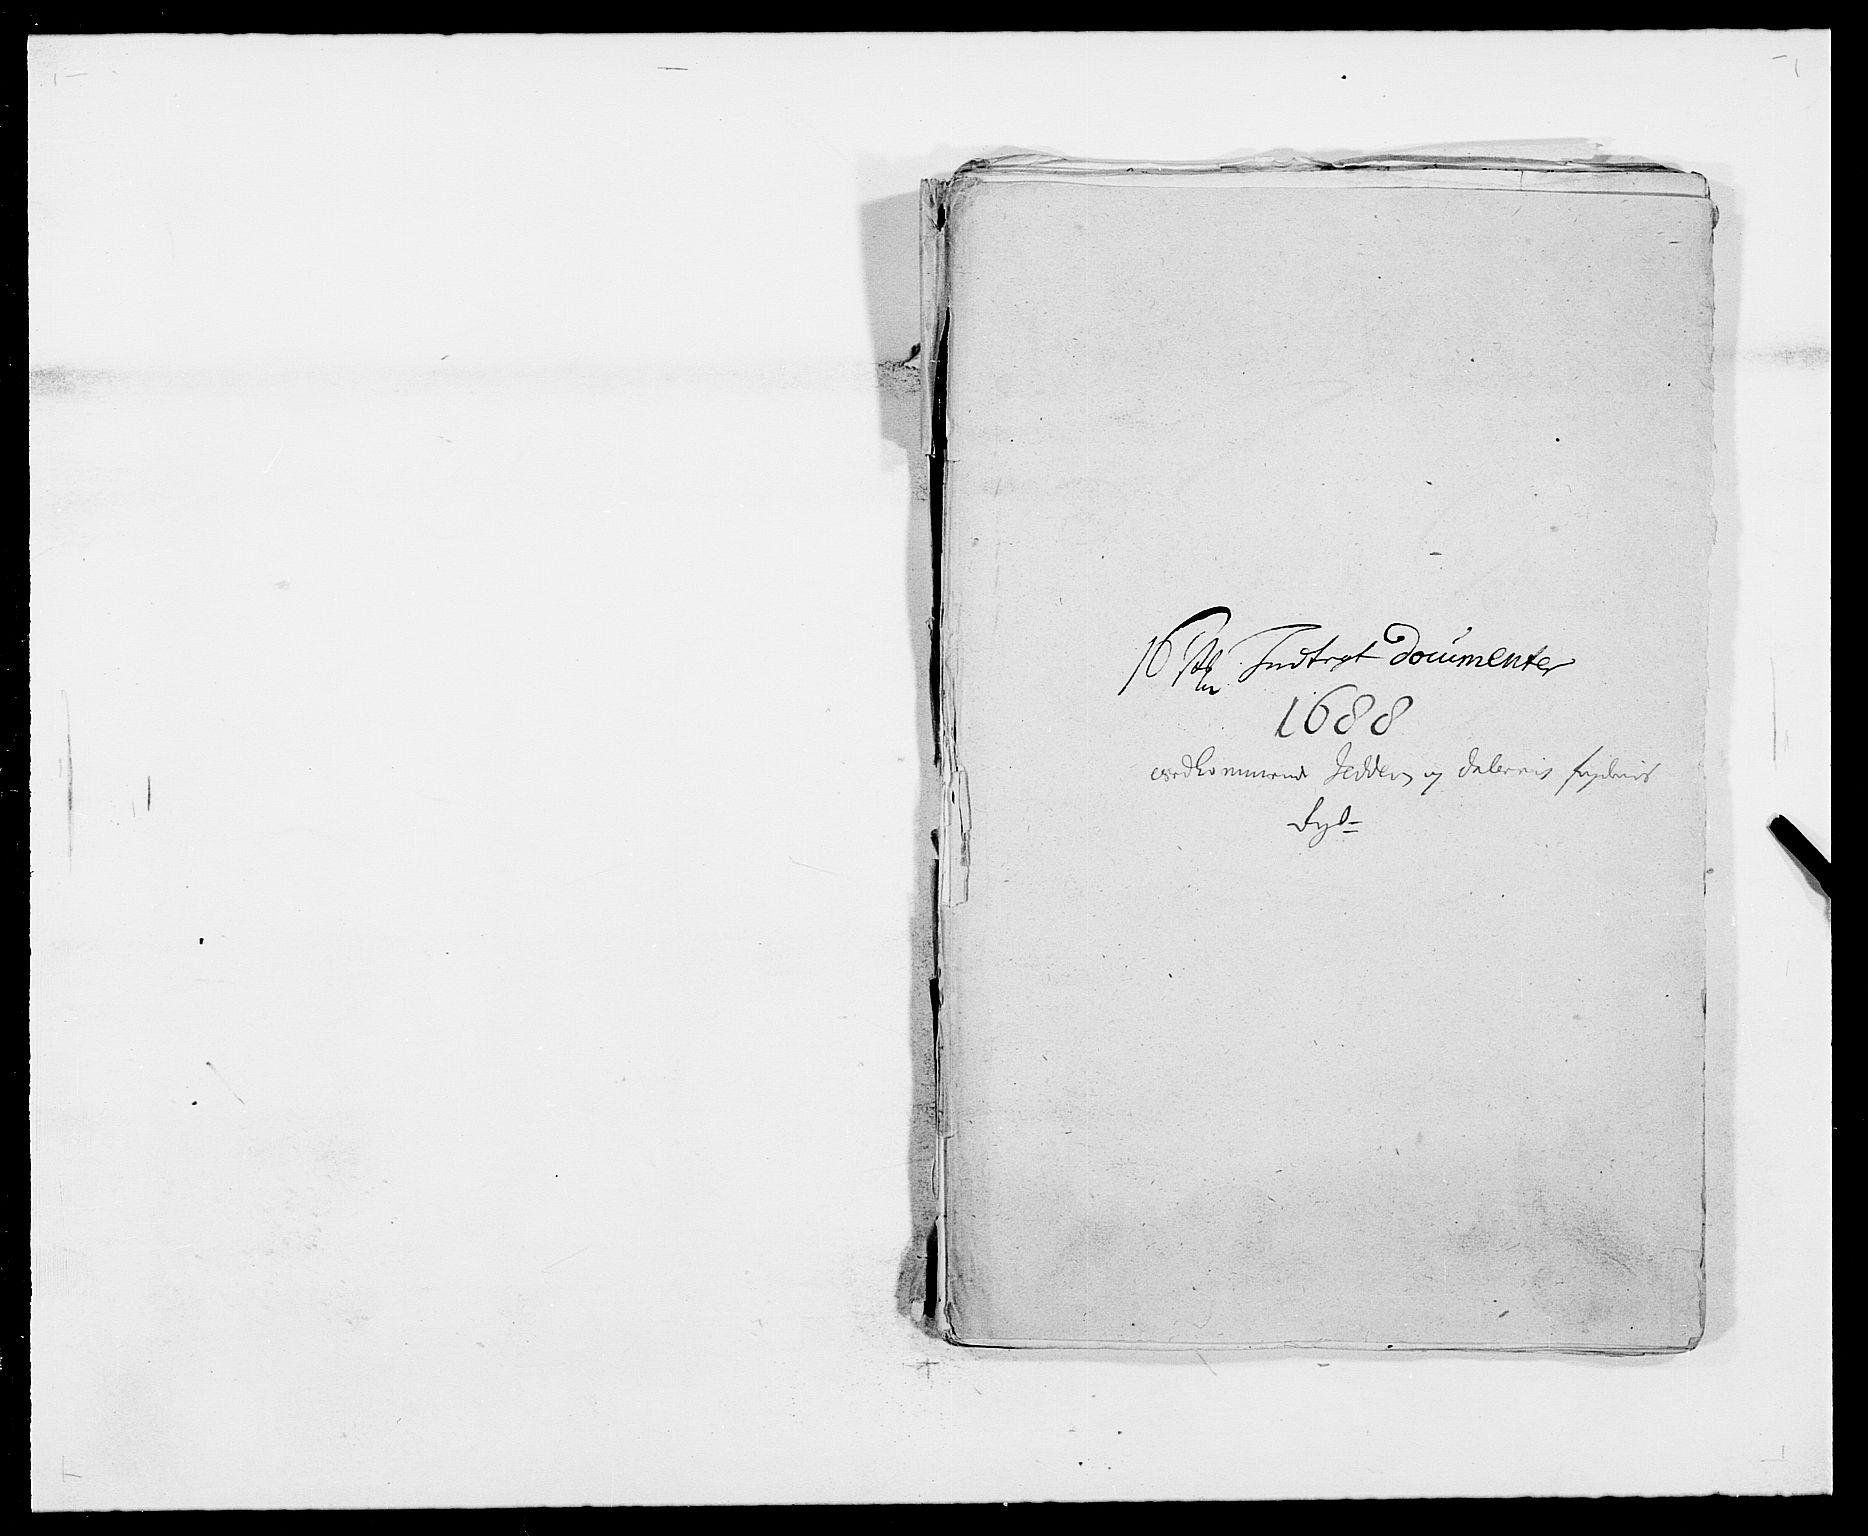 RA, Rentekammeret inntil 1814, Reviderte regnskaper, Fogderegnskap, R46/L2726: Fogderegnskap Jæren og Dalane, 1686-1689, s. 245